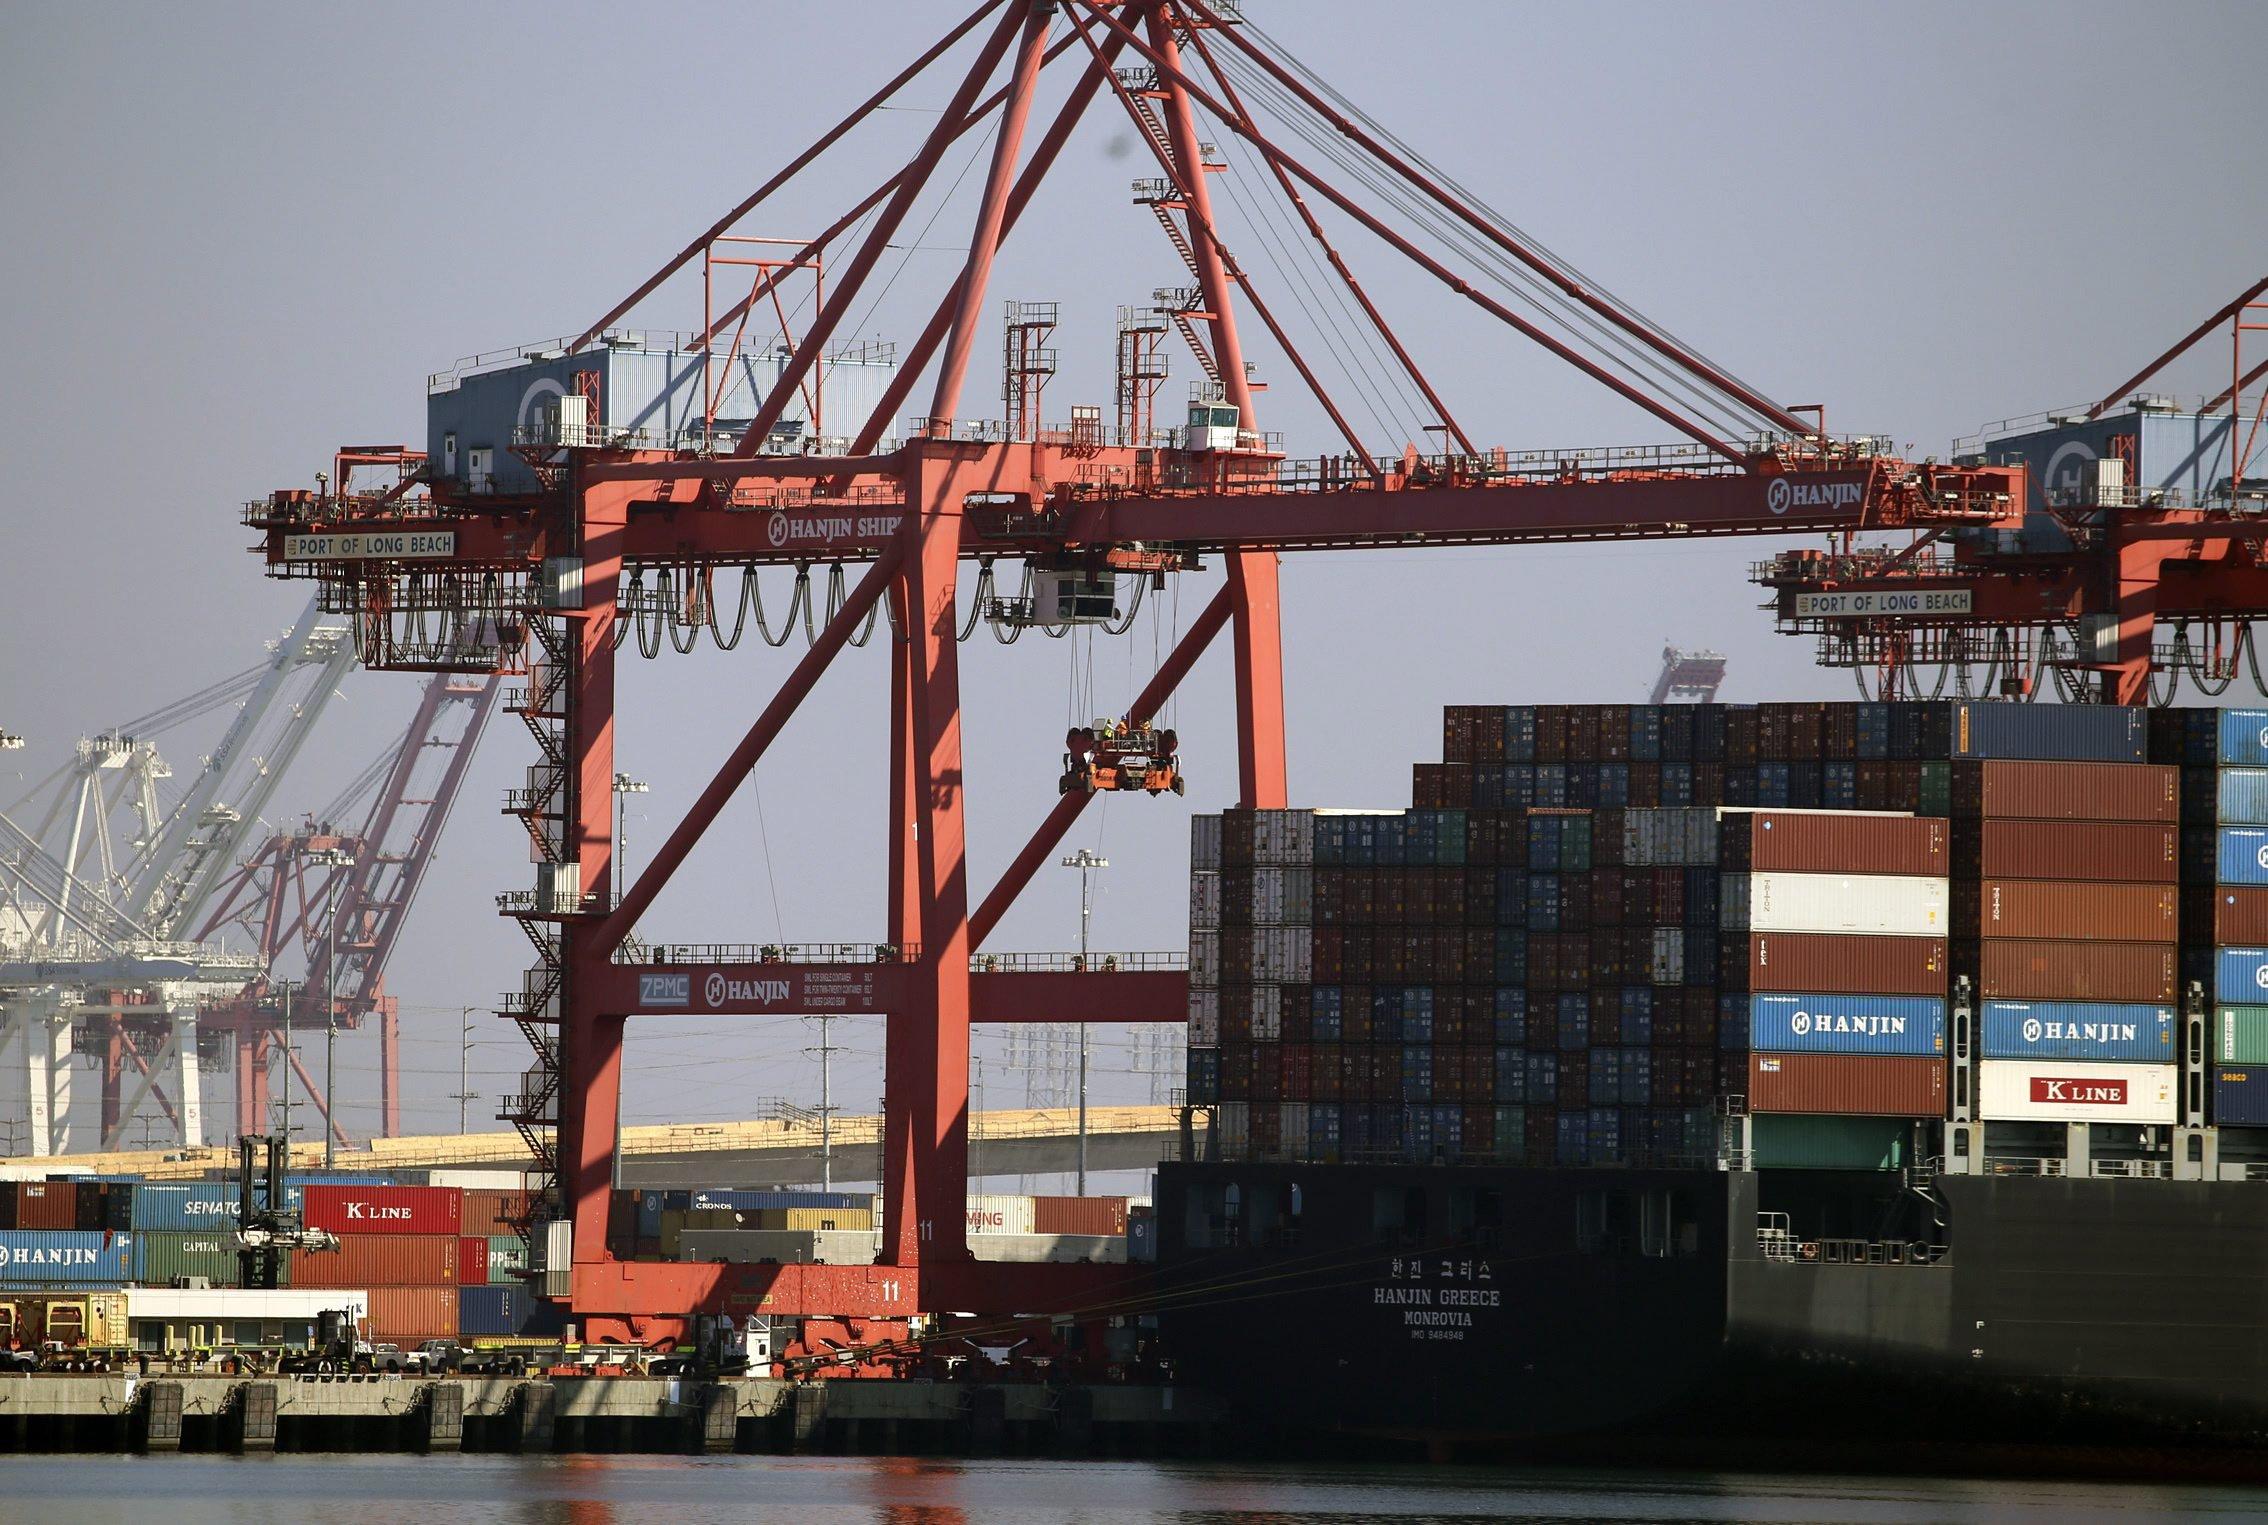 Frachtcontainer der insolventen koreanischen Reederei Hanjin im Hafen von Long Beach in Kalifornien:Rund 500.000 Container mit Waren hängen derzeit weltweit fest.